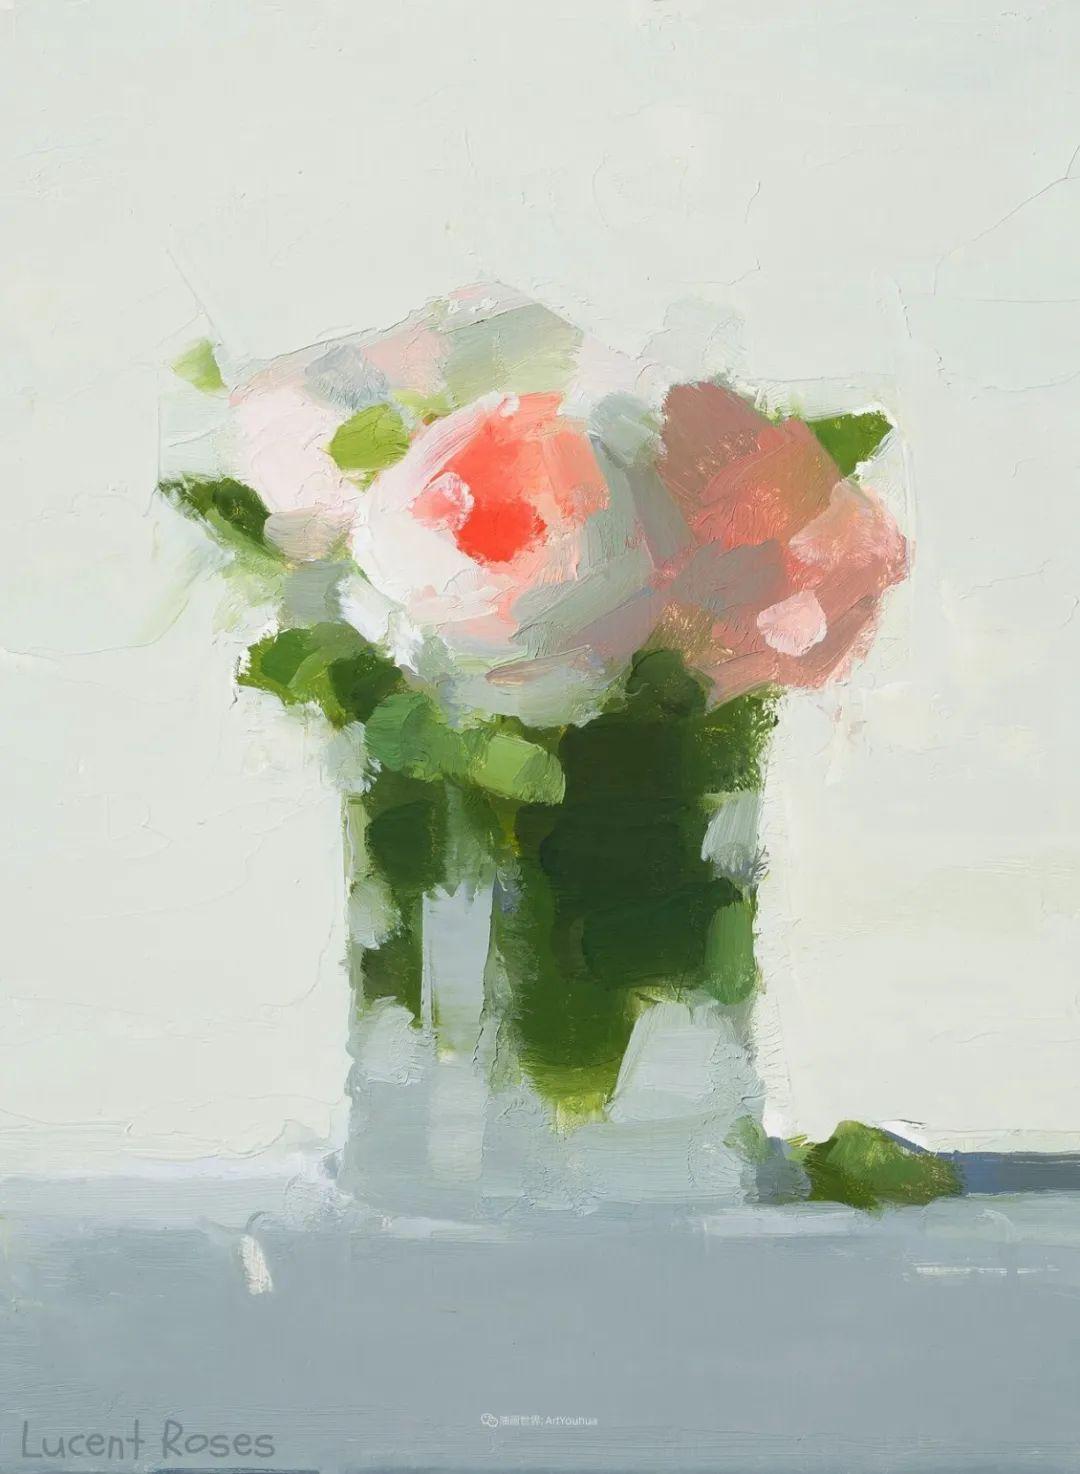 简约宁静 | 波兰画家斯坦利·比伦作品欣赏插图5